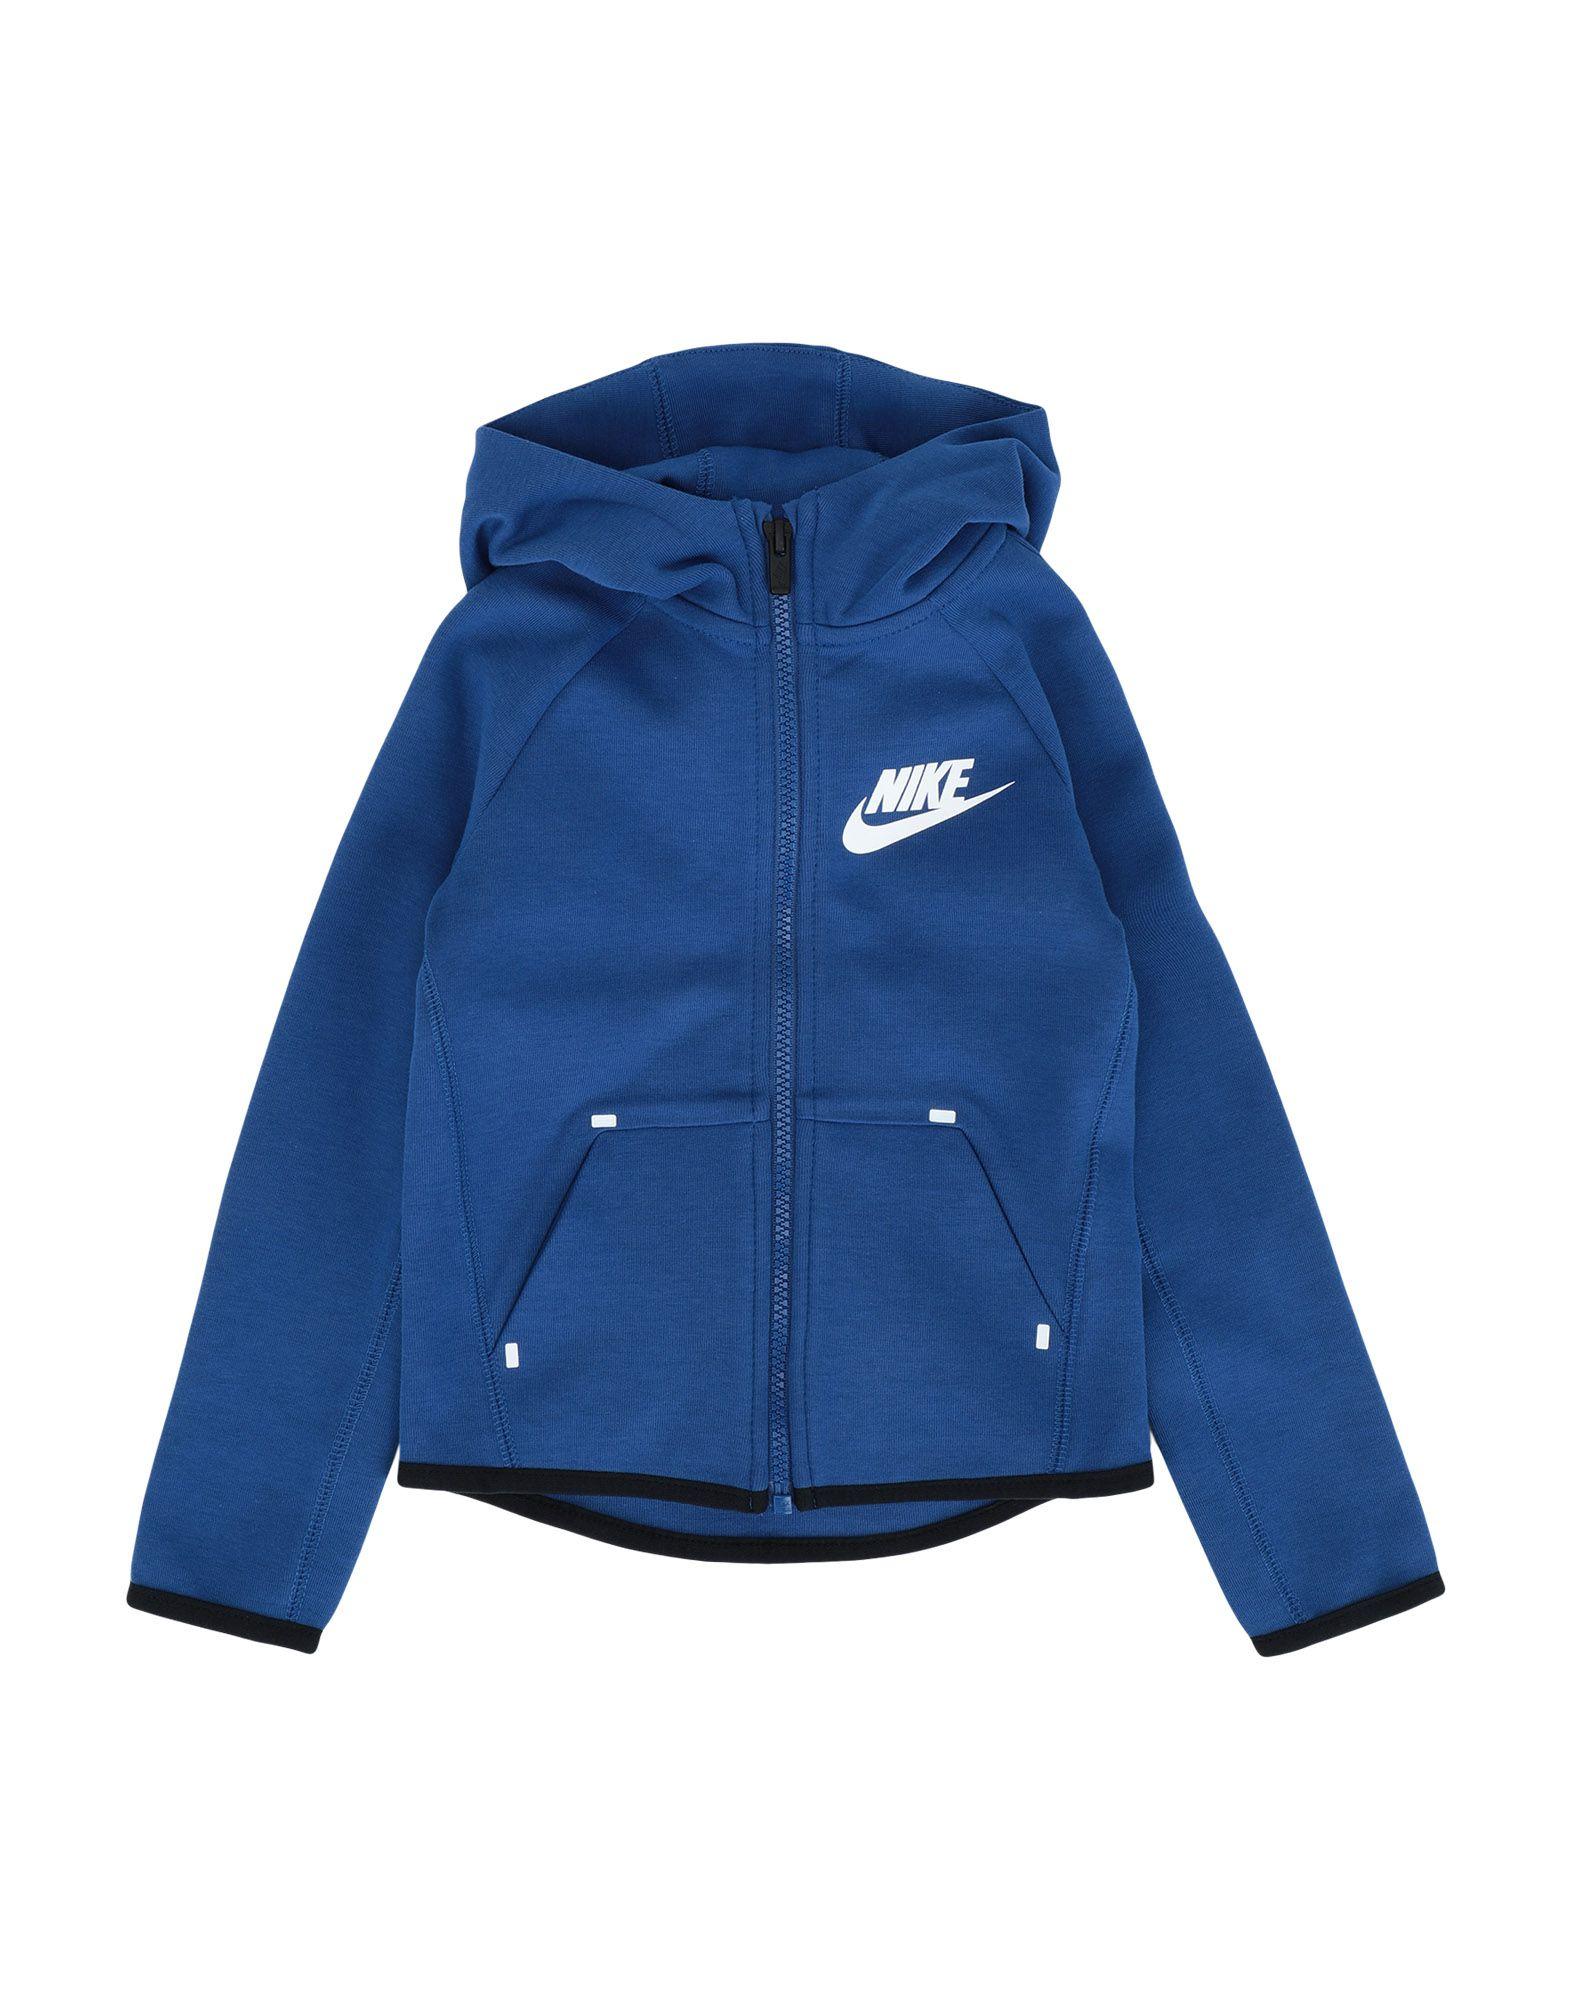 《セール開催中》NIKE ボーイズ 3-8 歳 スウェットシャツ ブライトブルー 4 コットン 67% / ポリエステル 33% NSW TECH FLEECE FZ ESSENTIALS